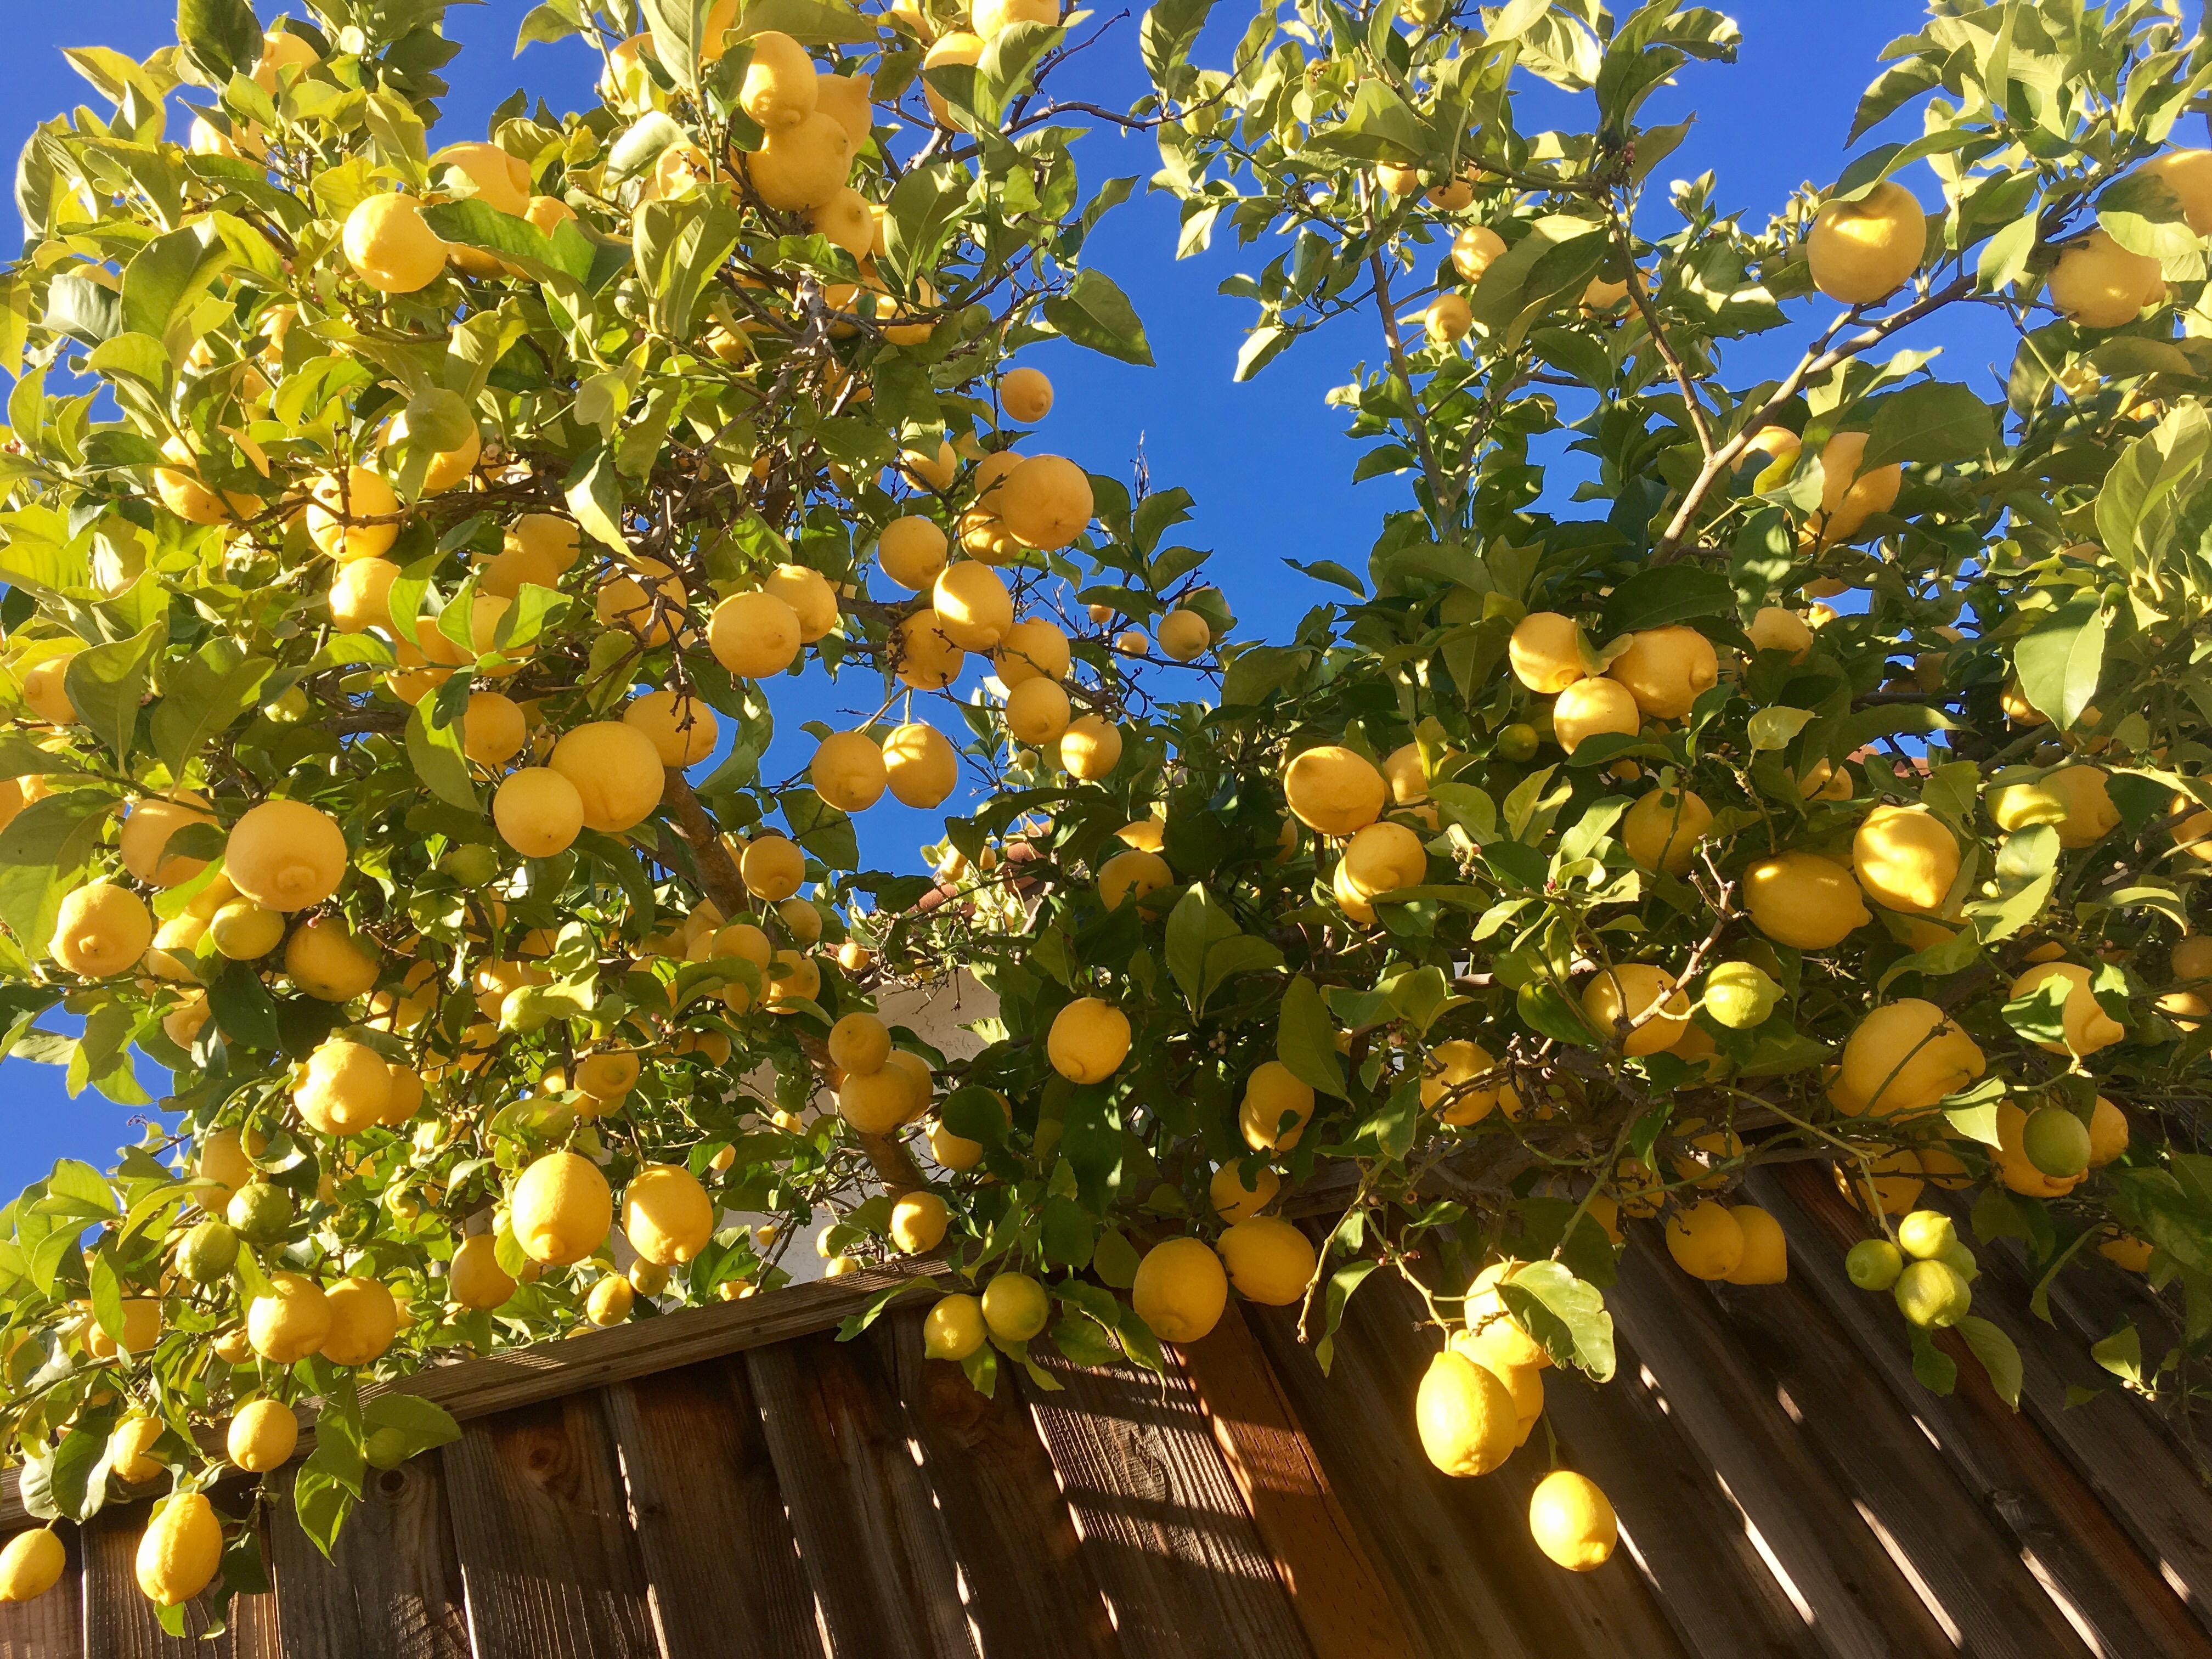 lemonpancakes11